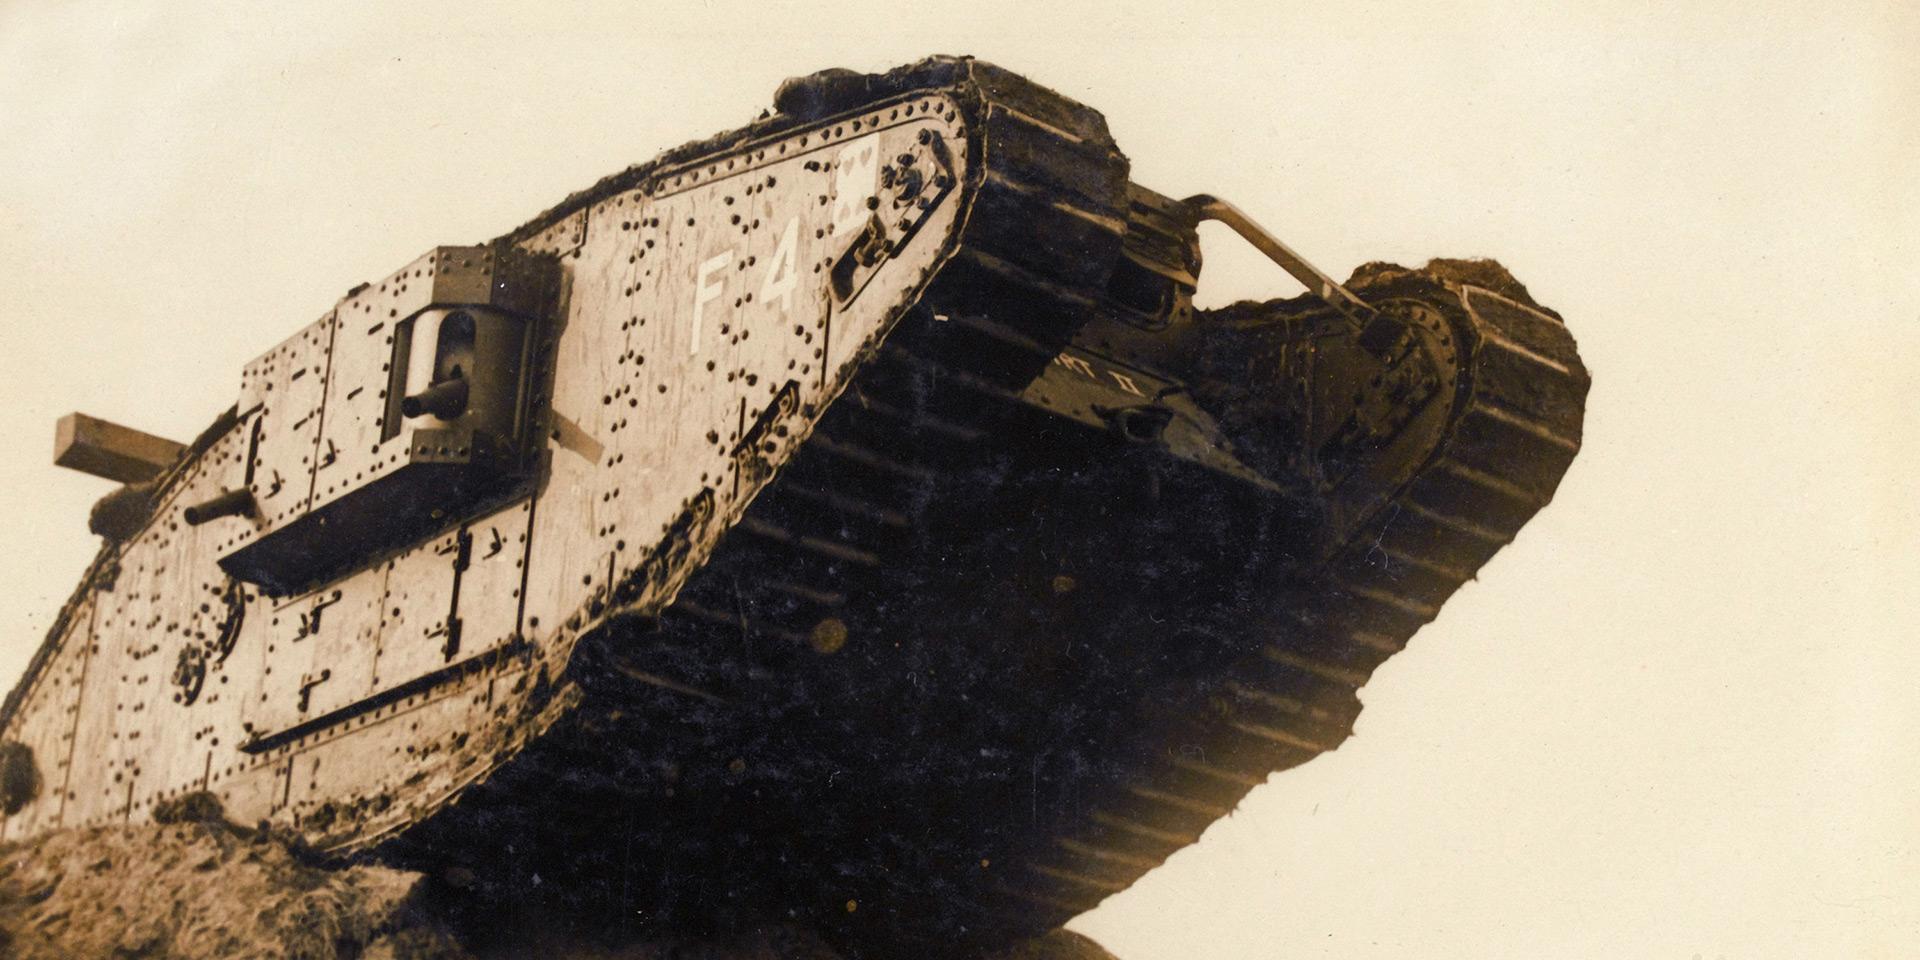 British Mark IV female tank, 1917